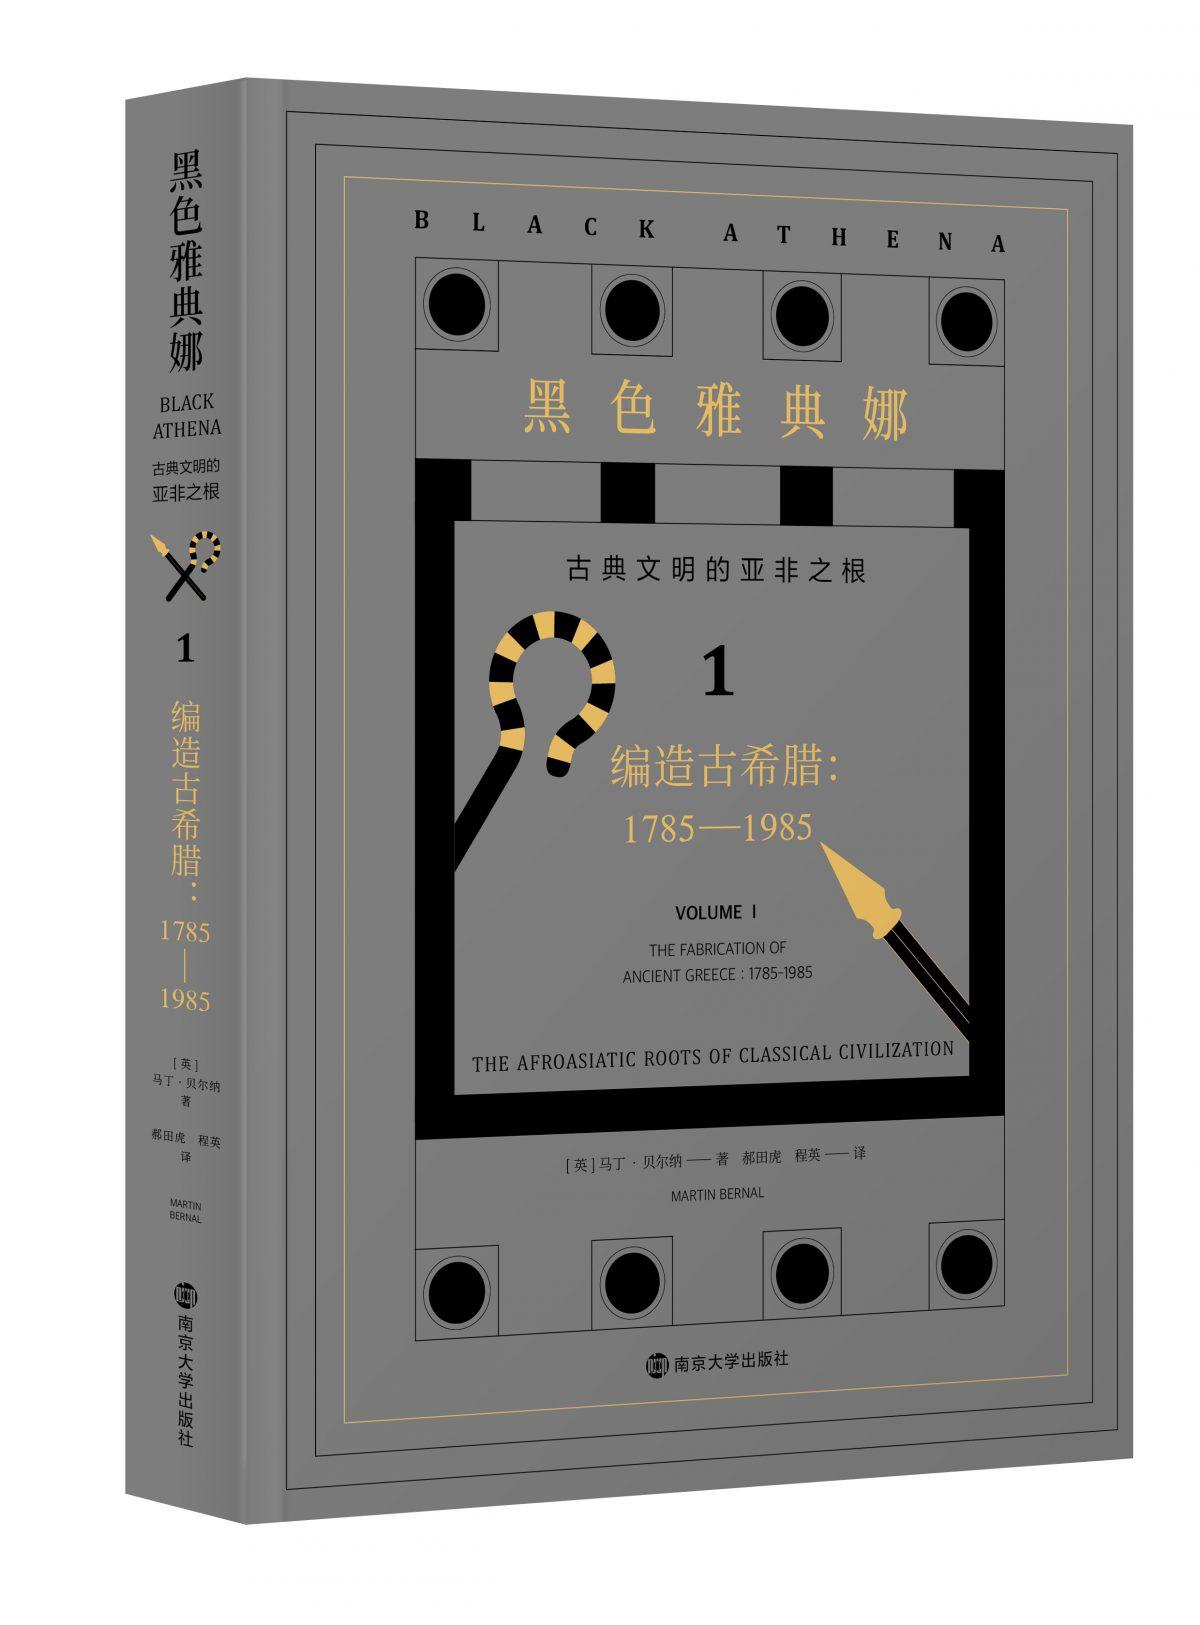 黑色雅典娜:古典文明的亚非之根(卷一)编造古希腊:1785-1985